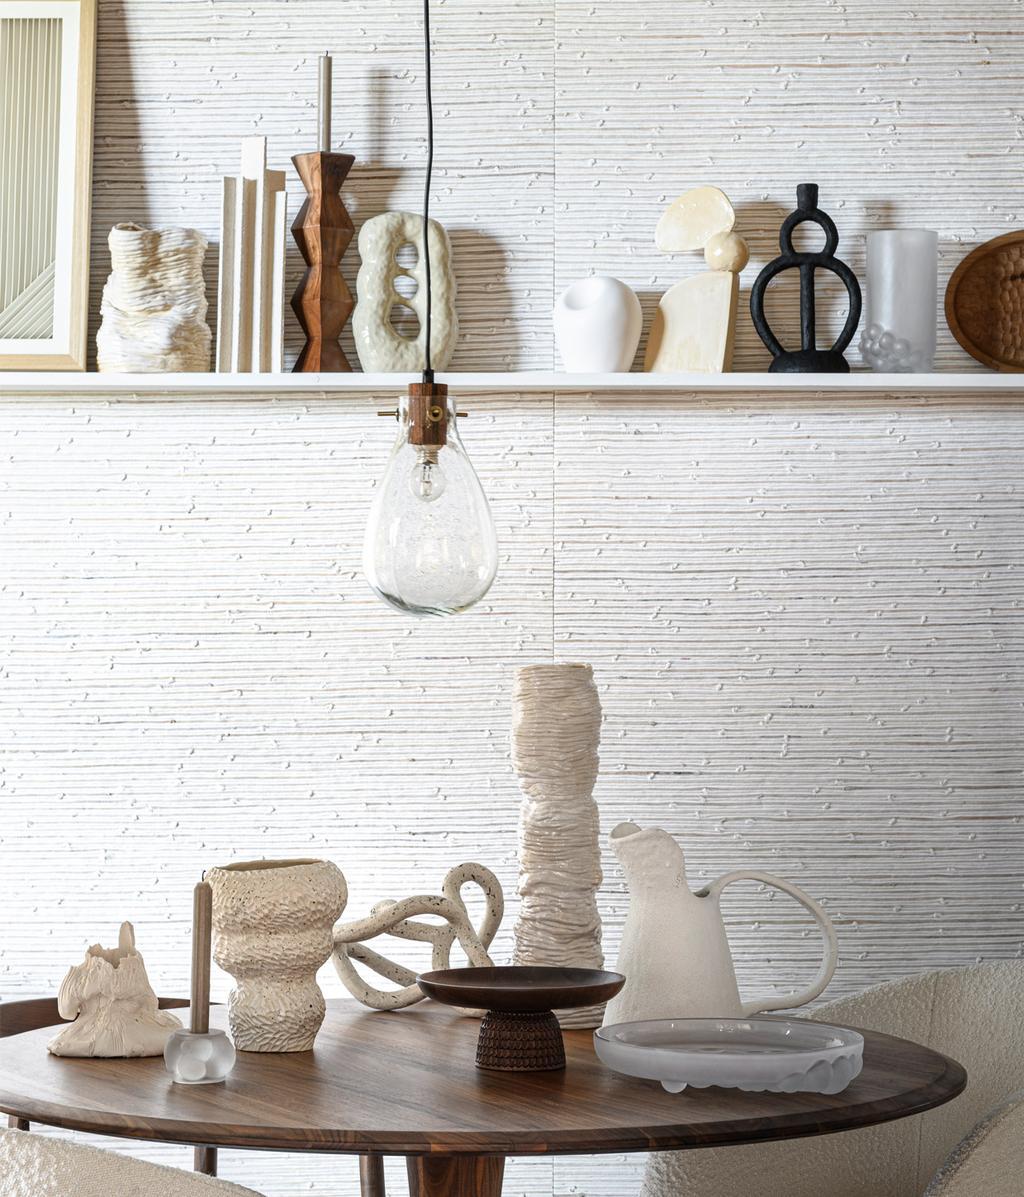 Accessoires | Vormen en texturen | vtwonen 13-2020